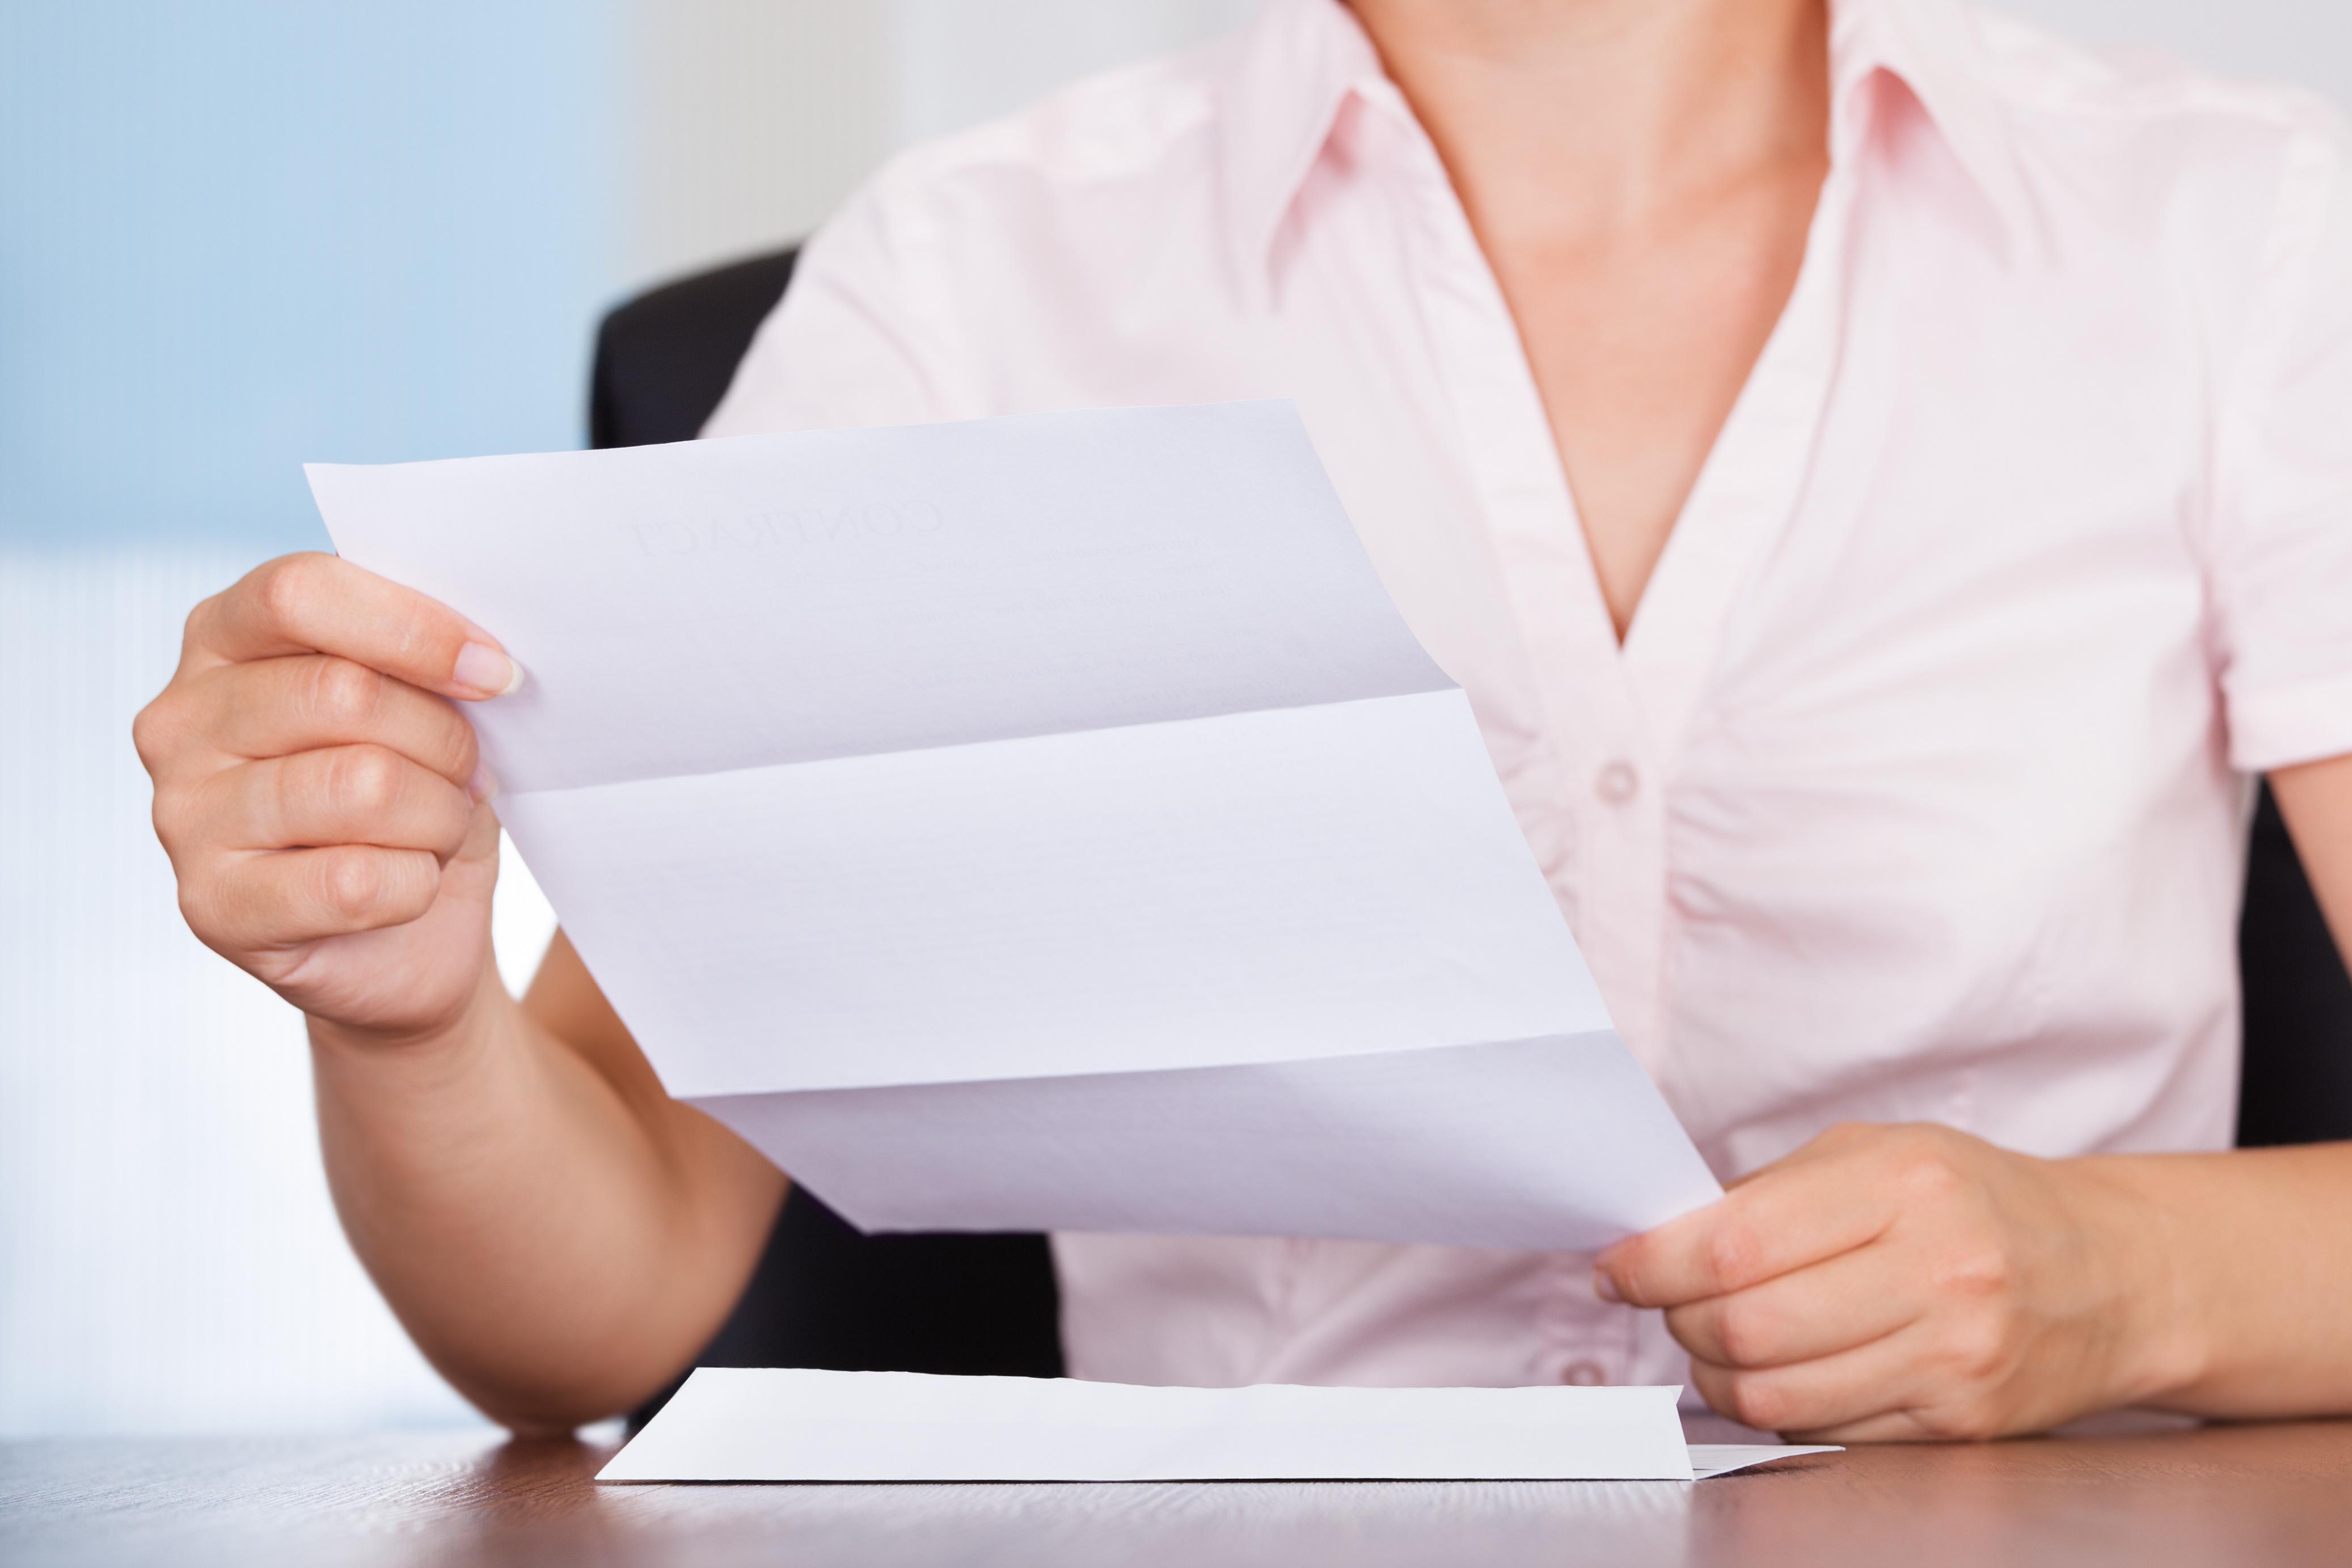 内容証明郵便がメーカーから届いた時の対処法